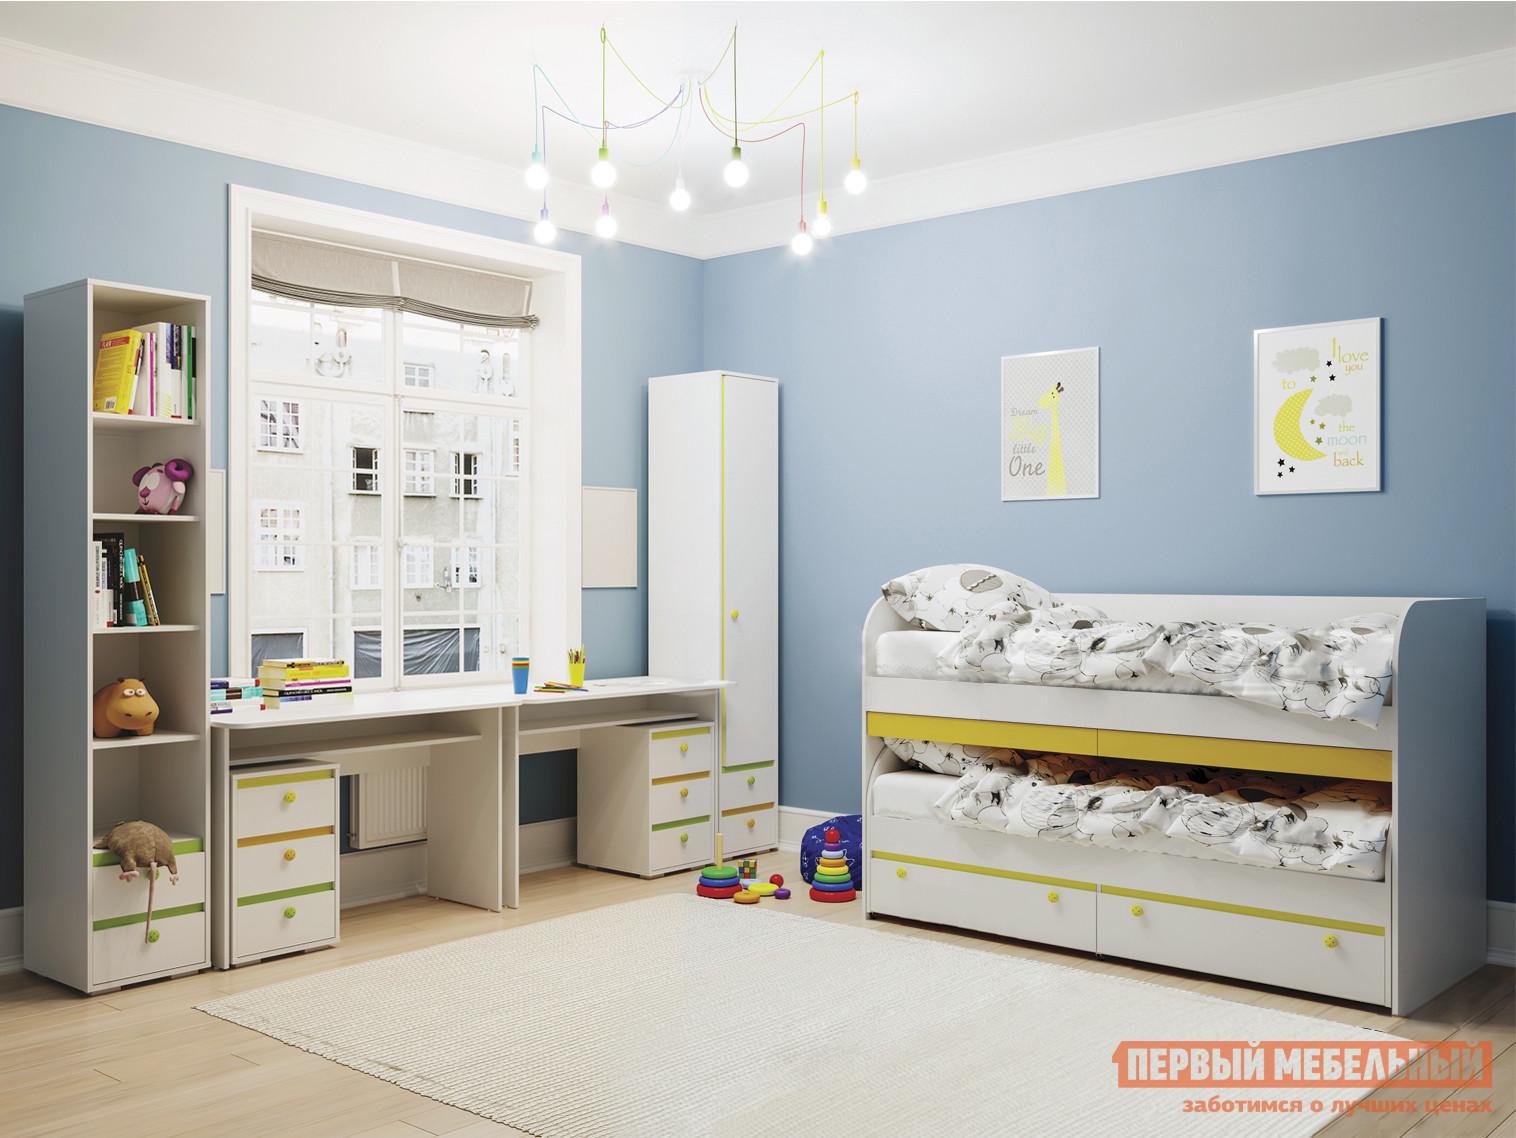 цена Комплект детской мебели ТД Арника Комплект детской мебели Мамба К3 в интернет-магазинах